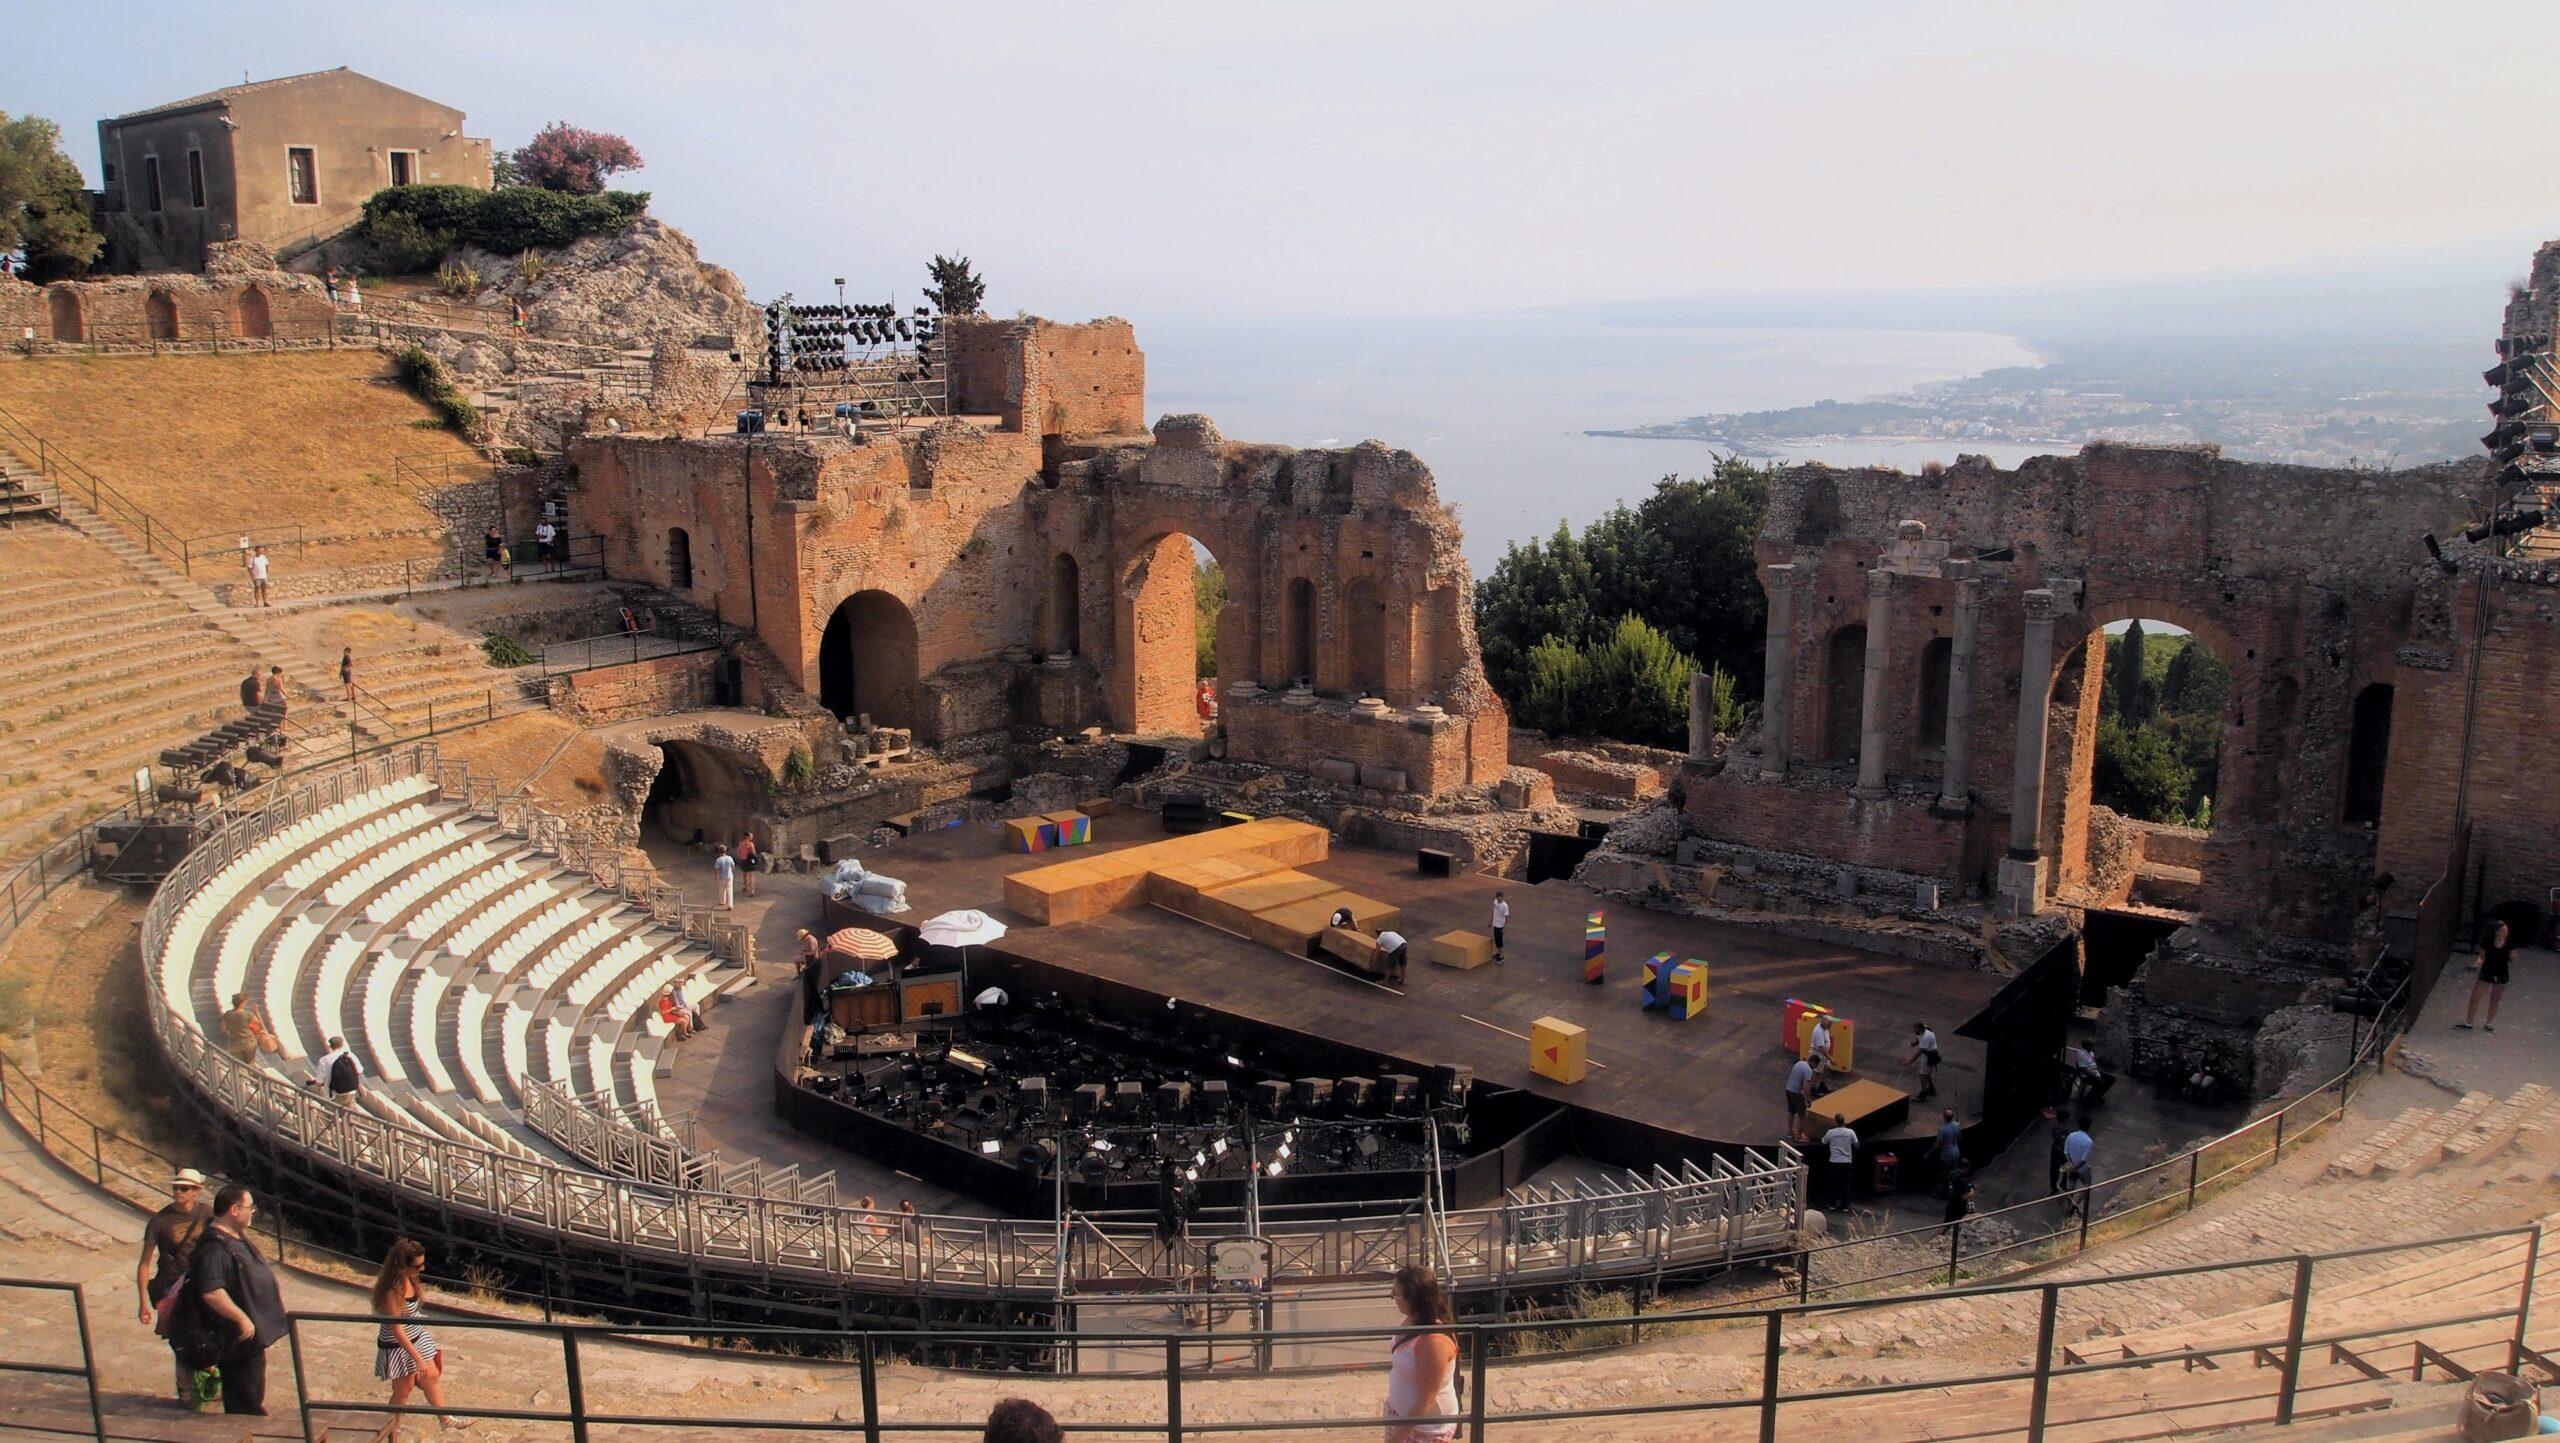 """La """"Cavalleria Rusticana"""" apre gloriosamente la stagione musicale al Teatro Antico di Taormina"""